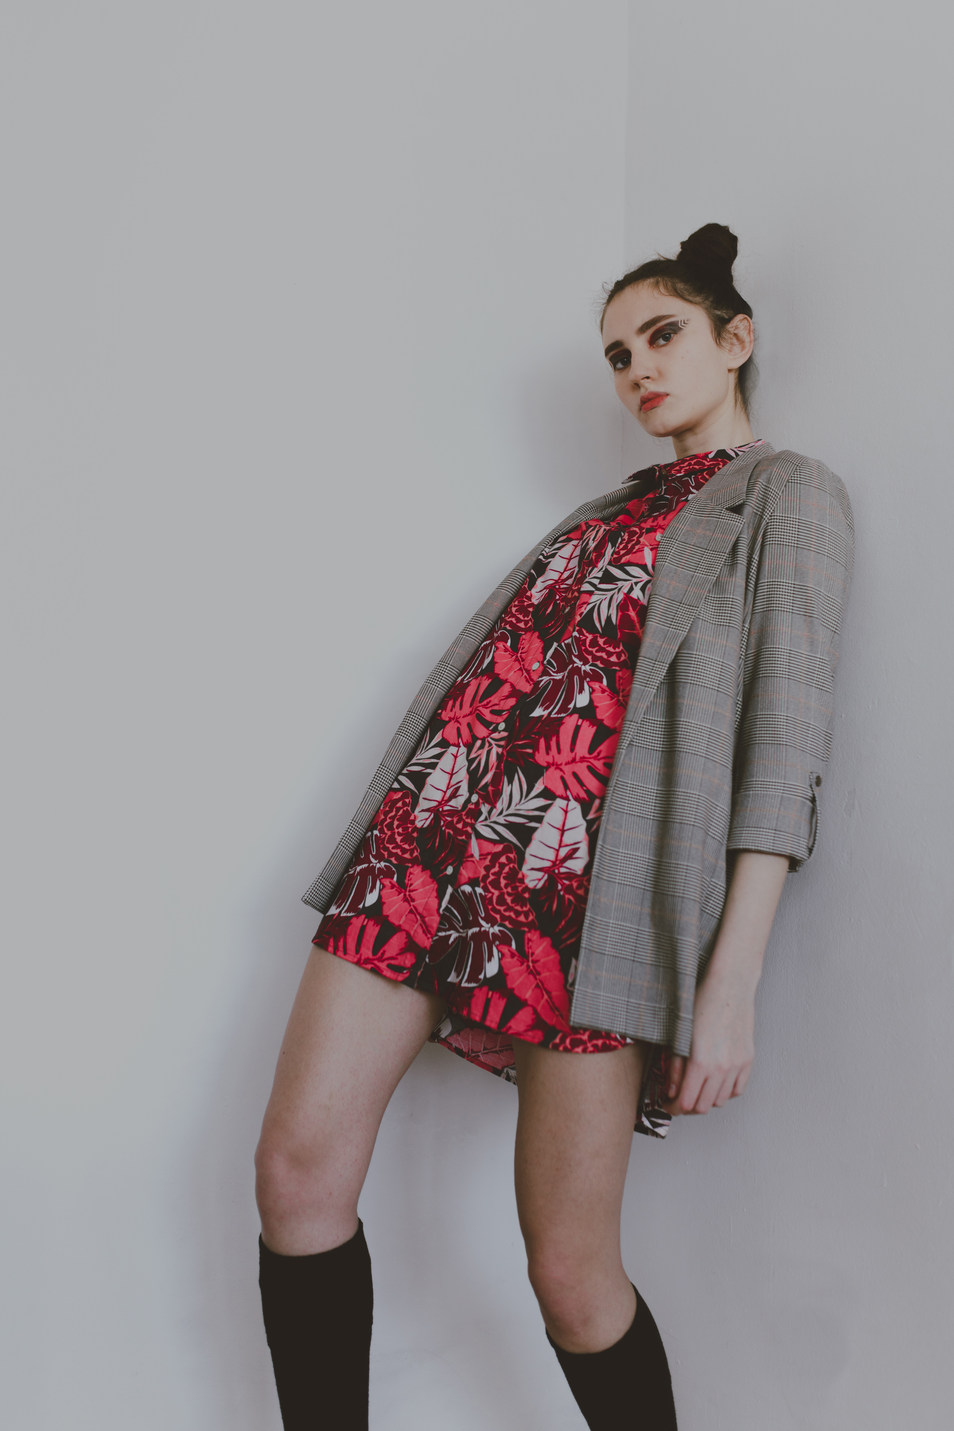 Editorial styled fashion portrait